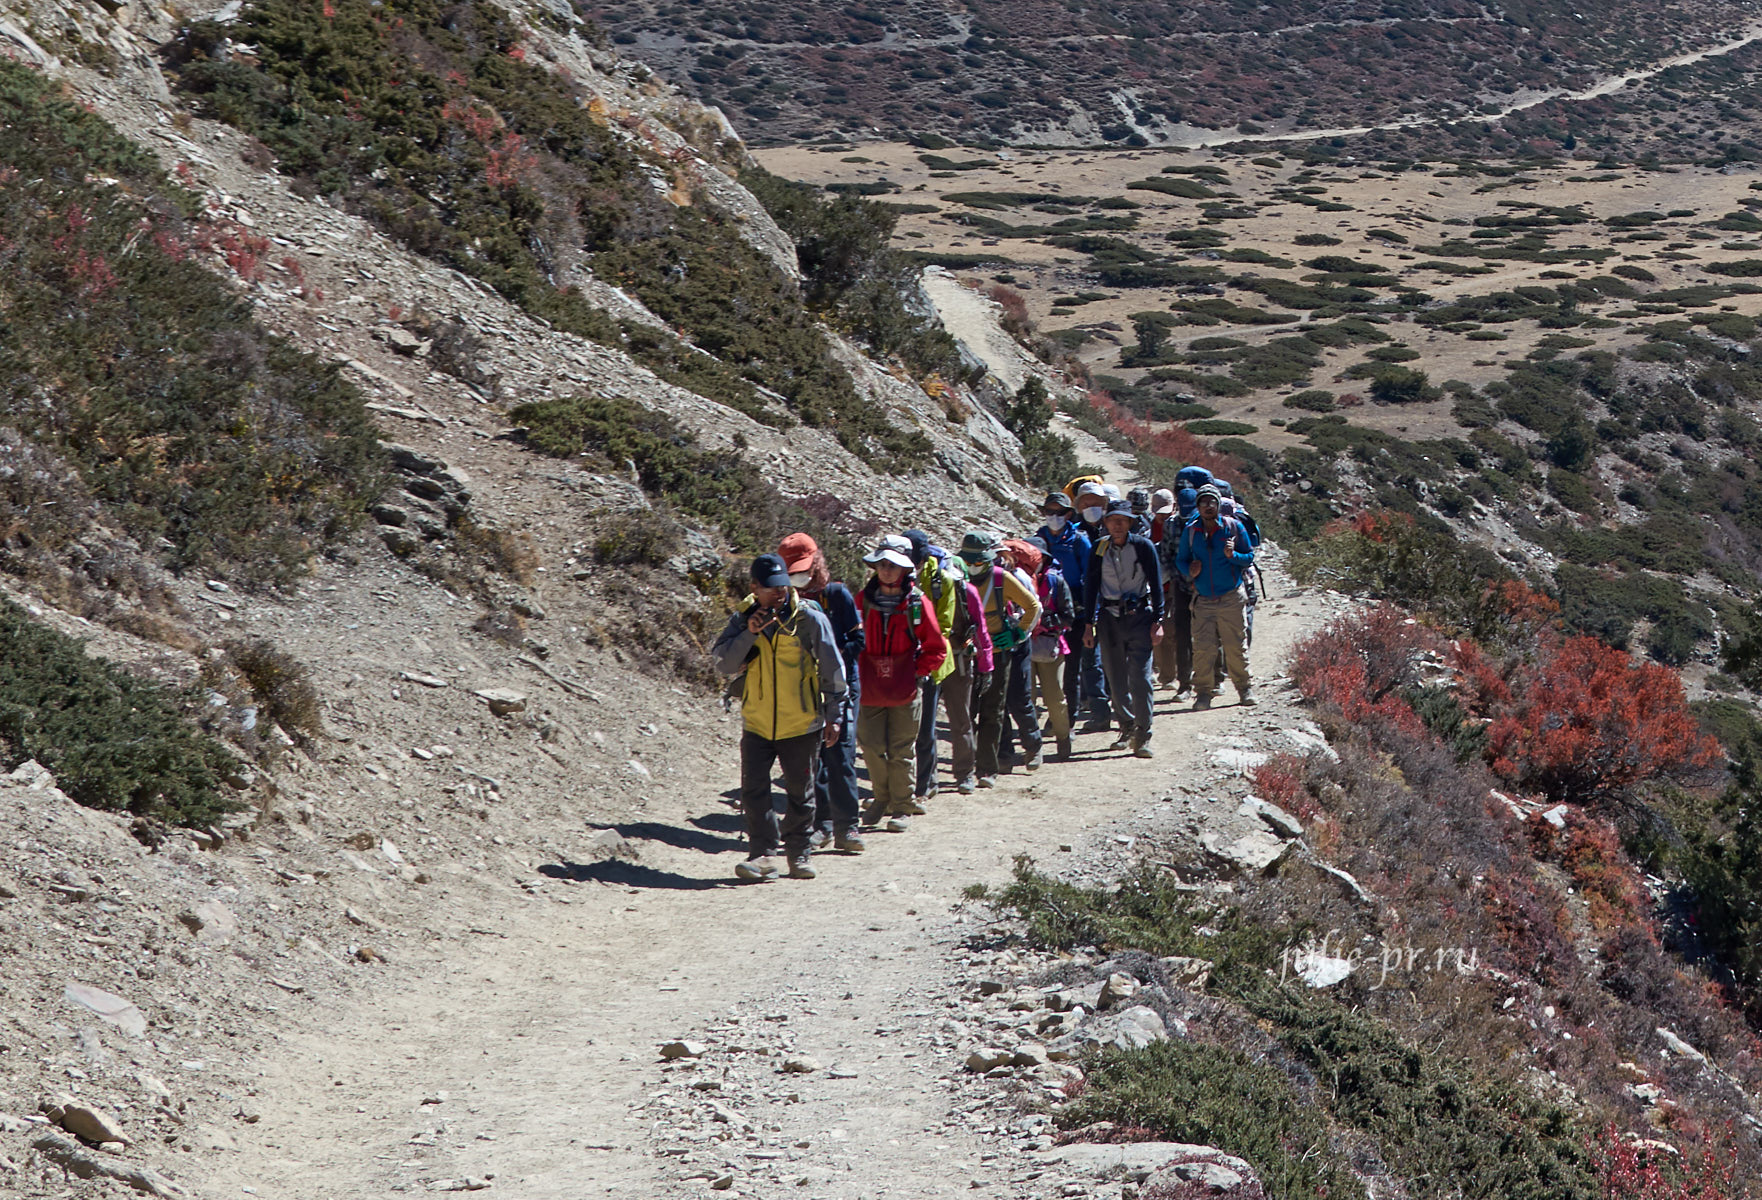 Непал. Трек вокруг Аннапурны. Японские туристы